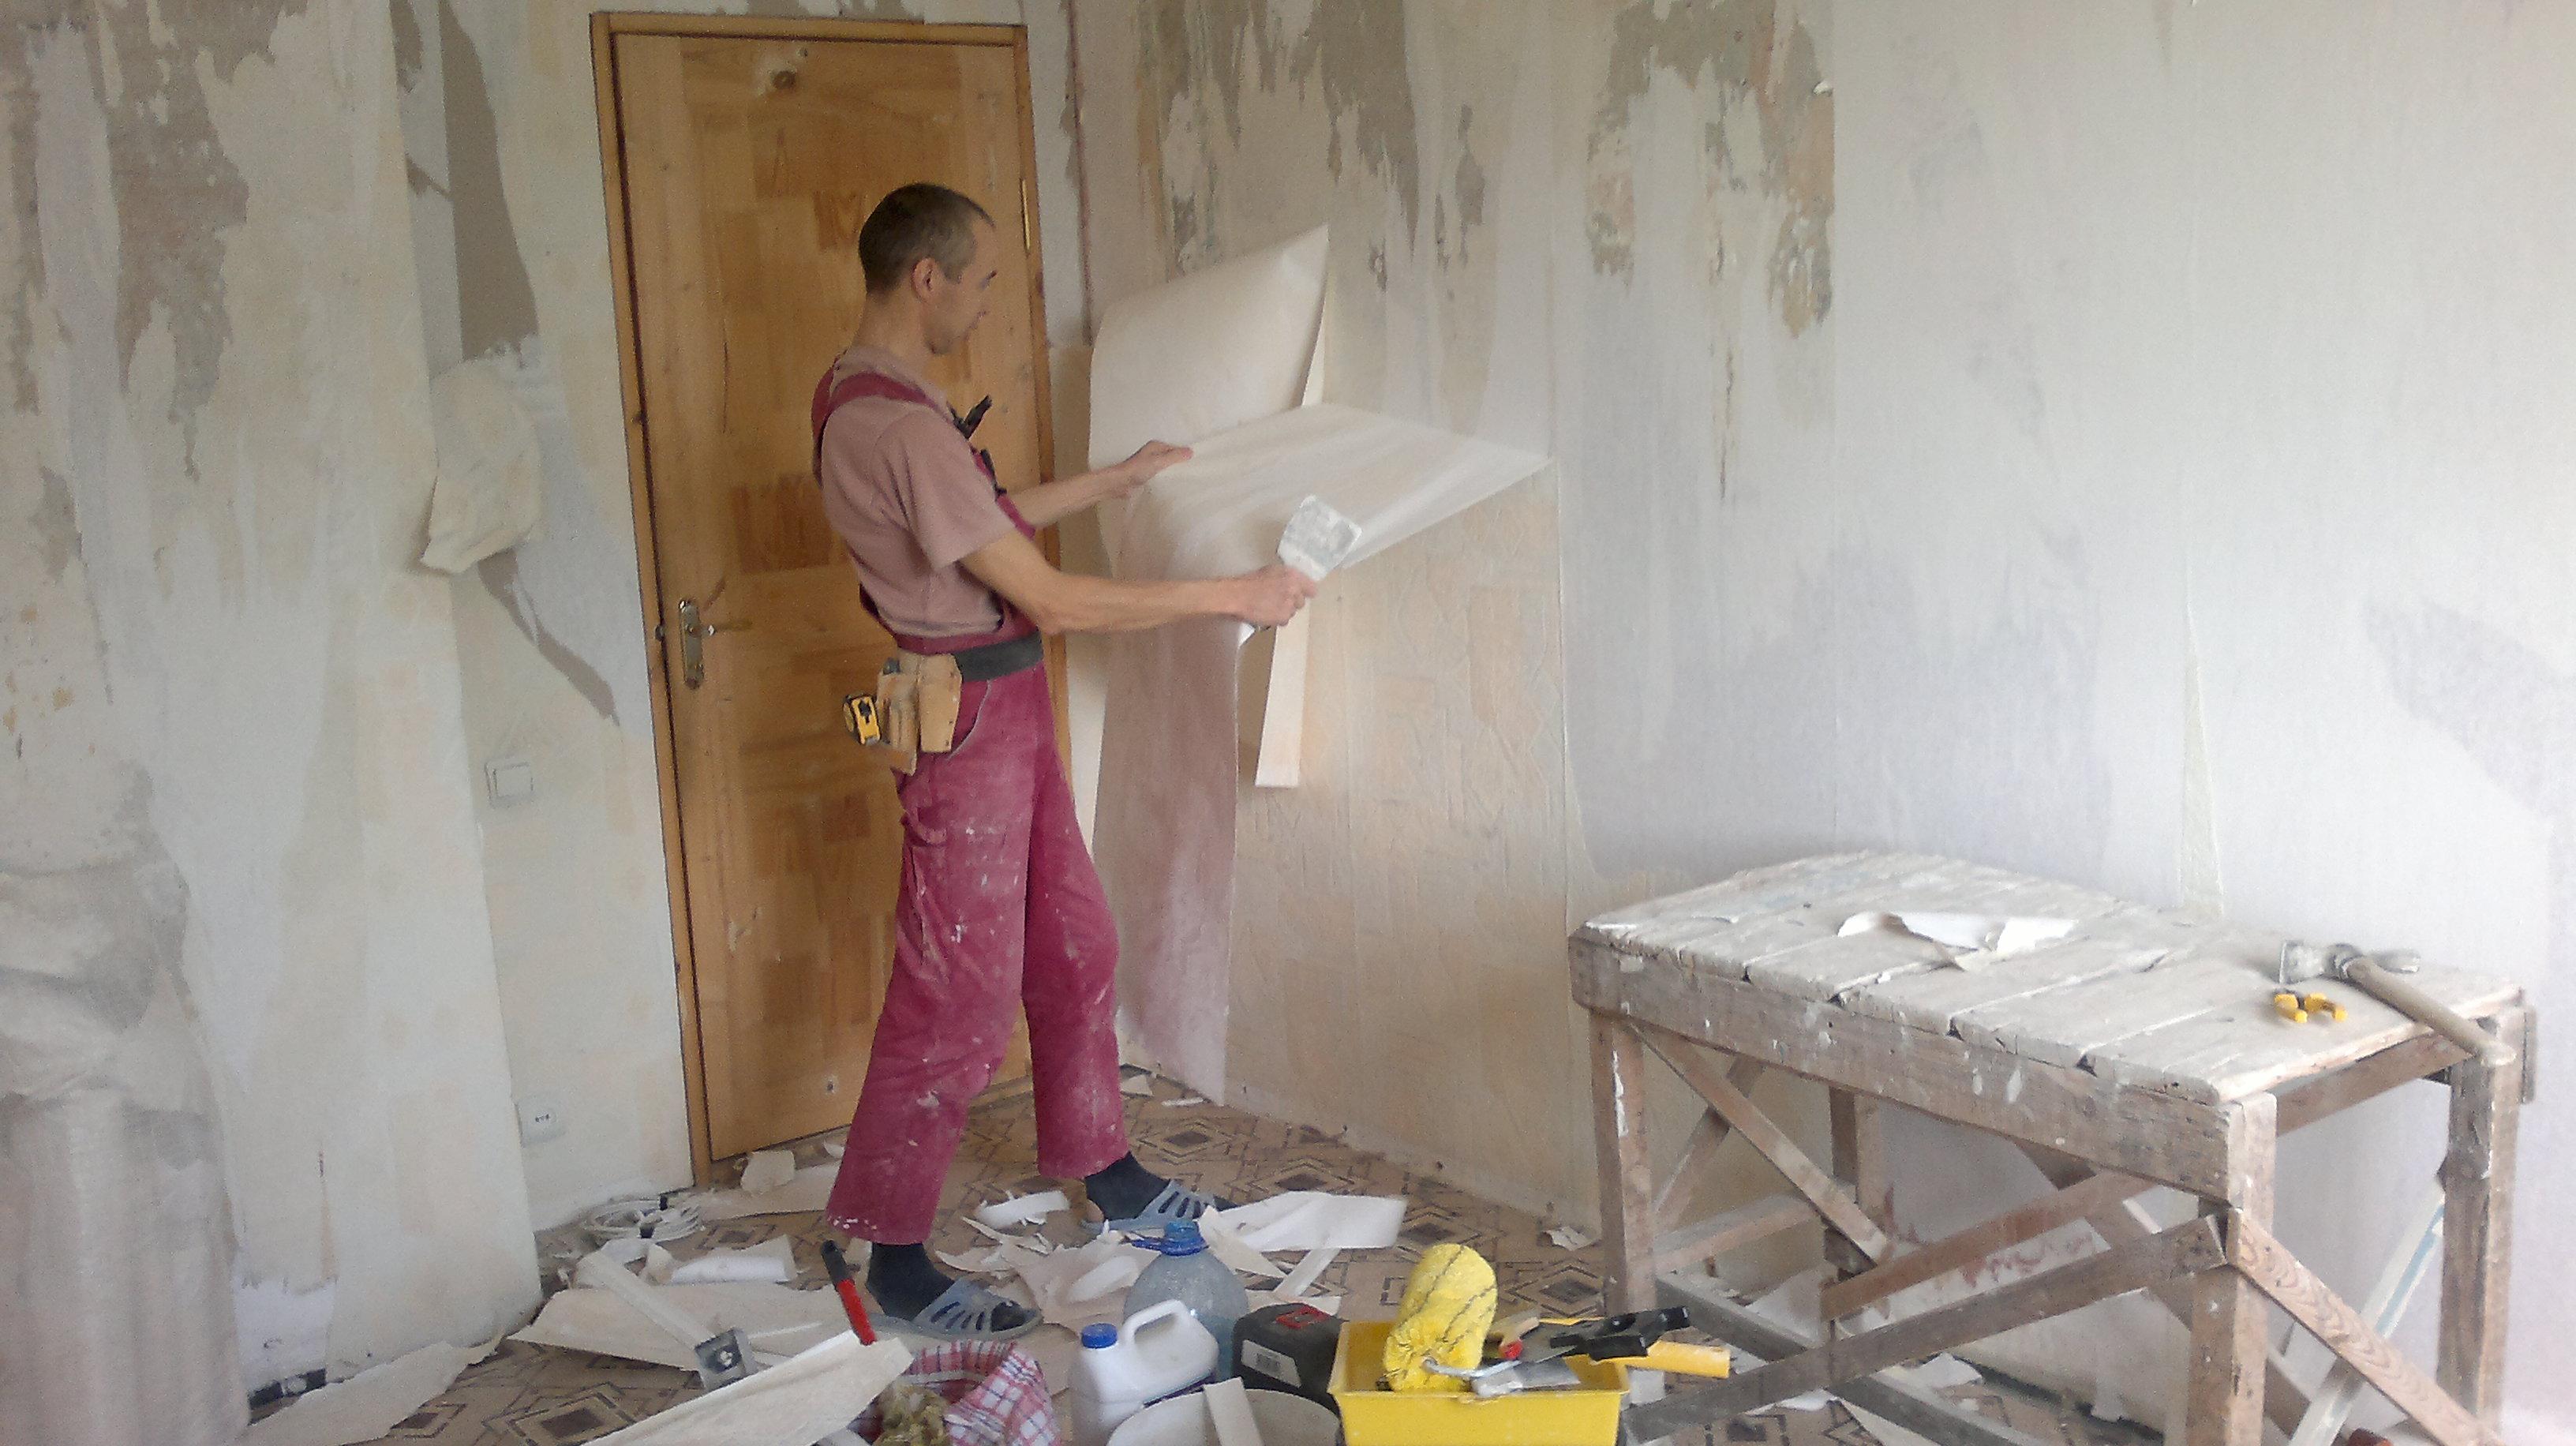 Нужно ли в 2017-2018 году приватизировать кооперативную квартиру в России? Нужно ли приватизировать кооперативную квартиру в Мос